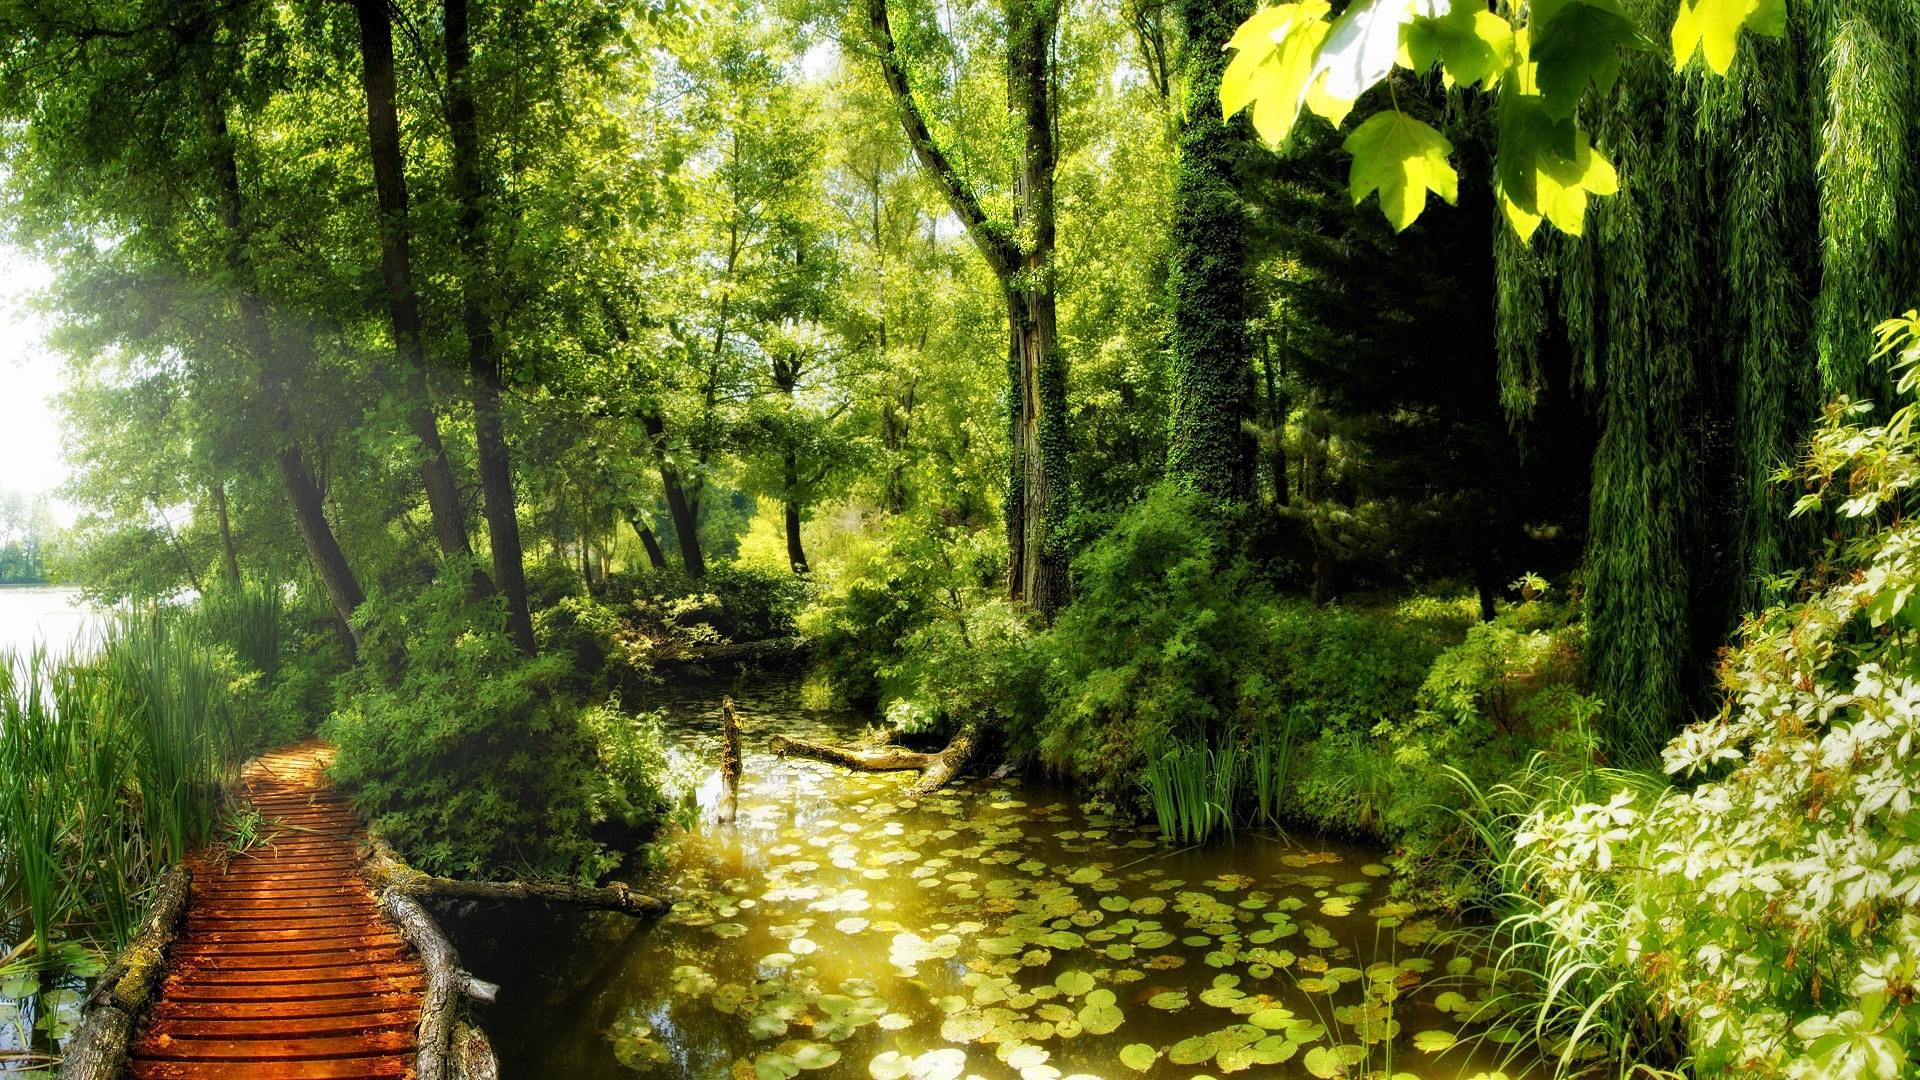 23535 скачать обои Пейзаж, Река, Деревья - заставки и картинки бесплатно